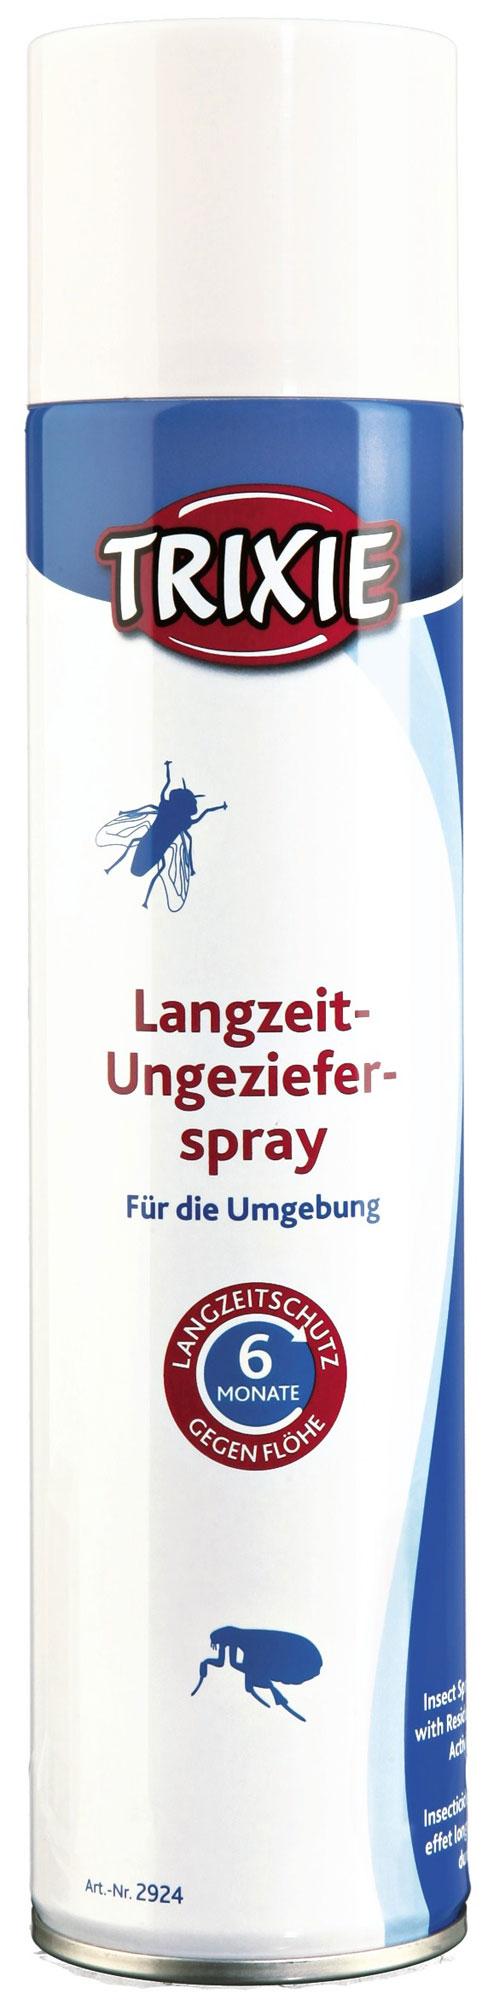 Umgebungsspray / Ungezieferspray TRIXIE 400 ml Bild 1